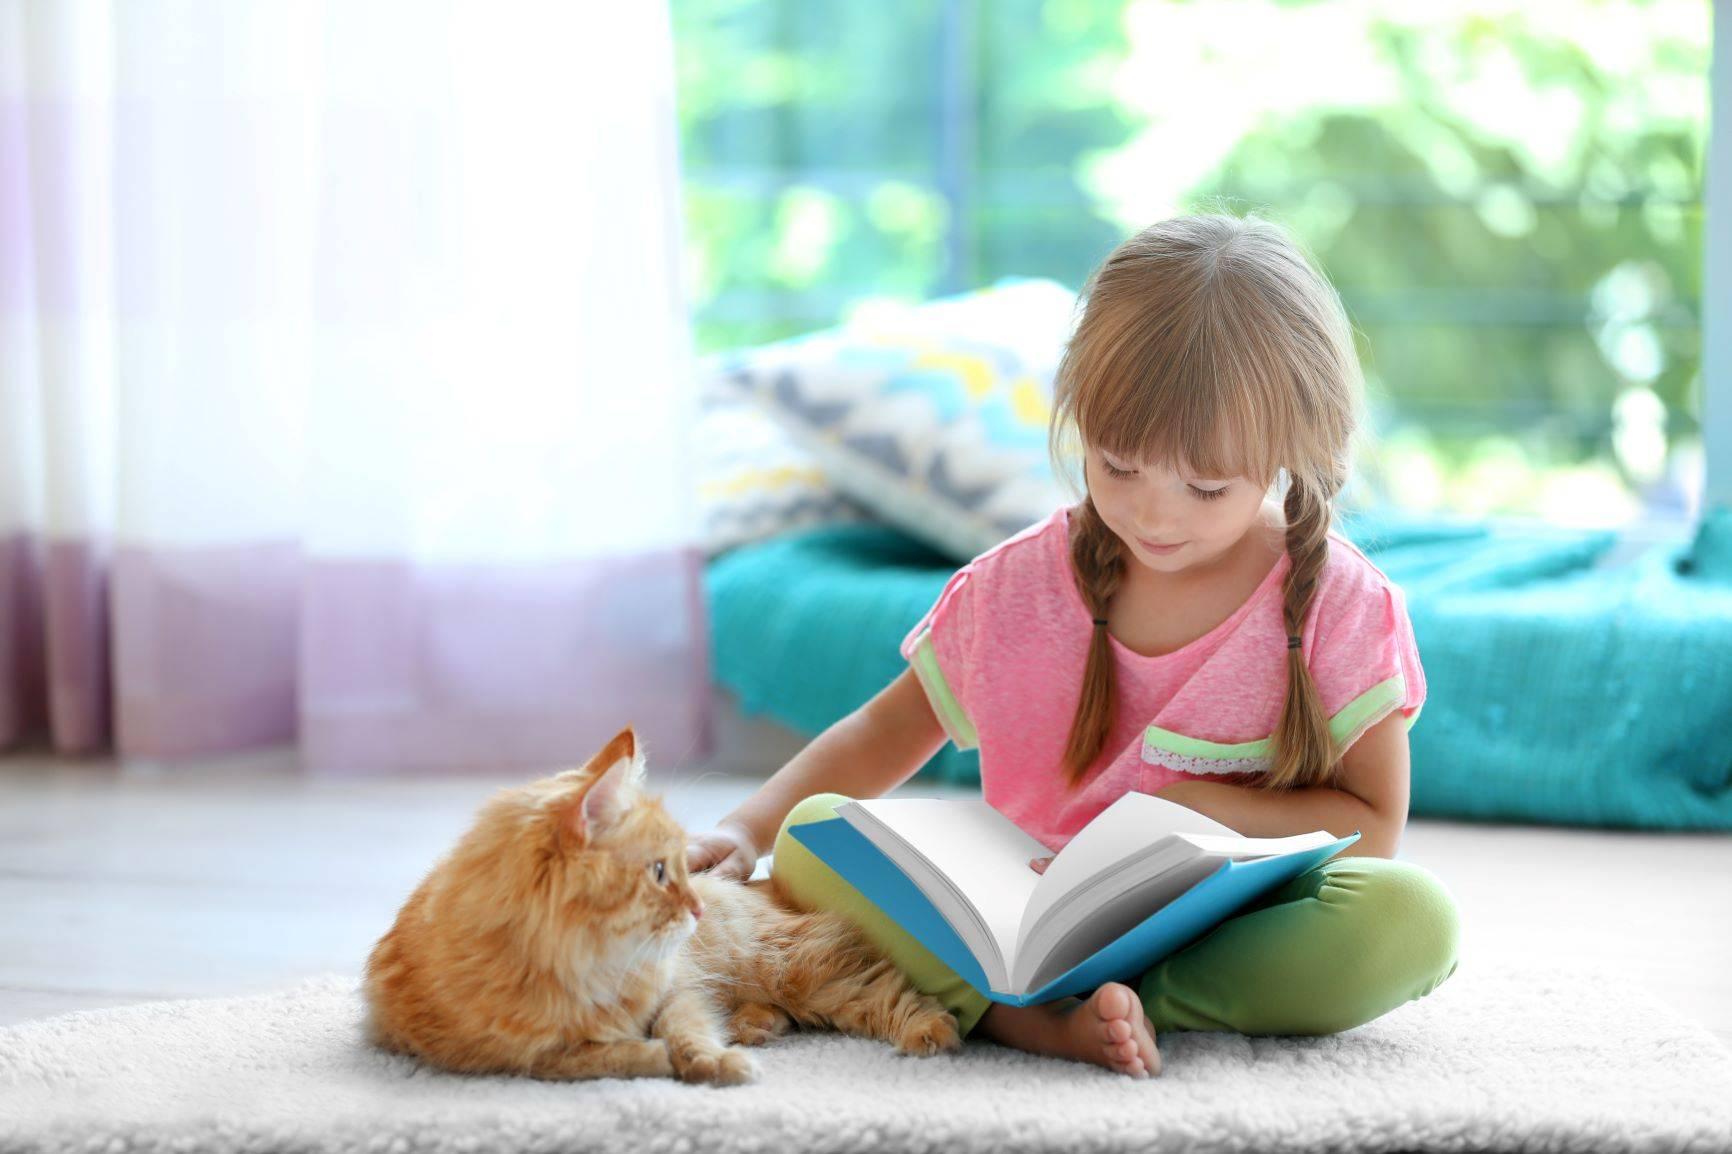 Kot pomaga dzieciom z autyzmem i podnosi odporność u dzieci. Dziewczynka głaszcze rudego kota.